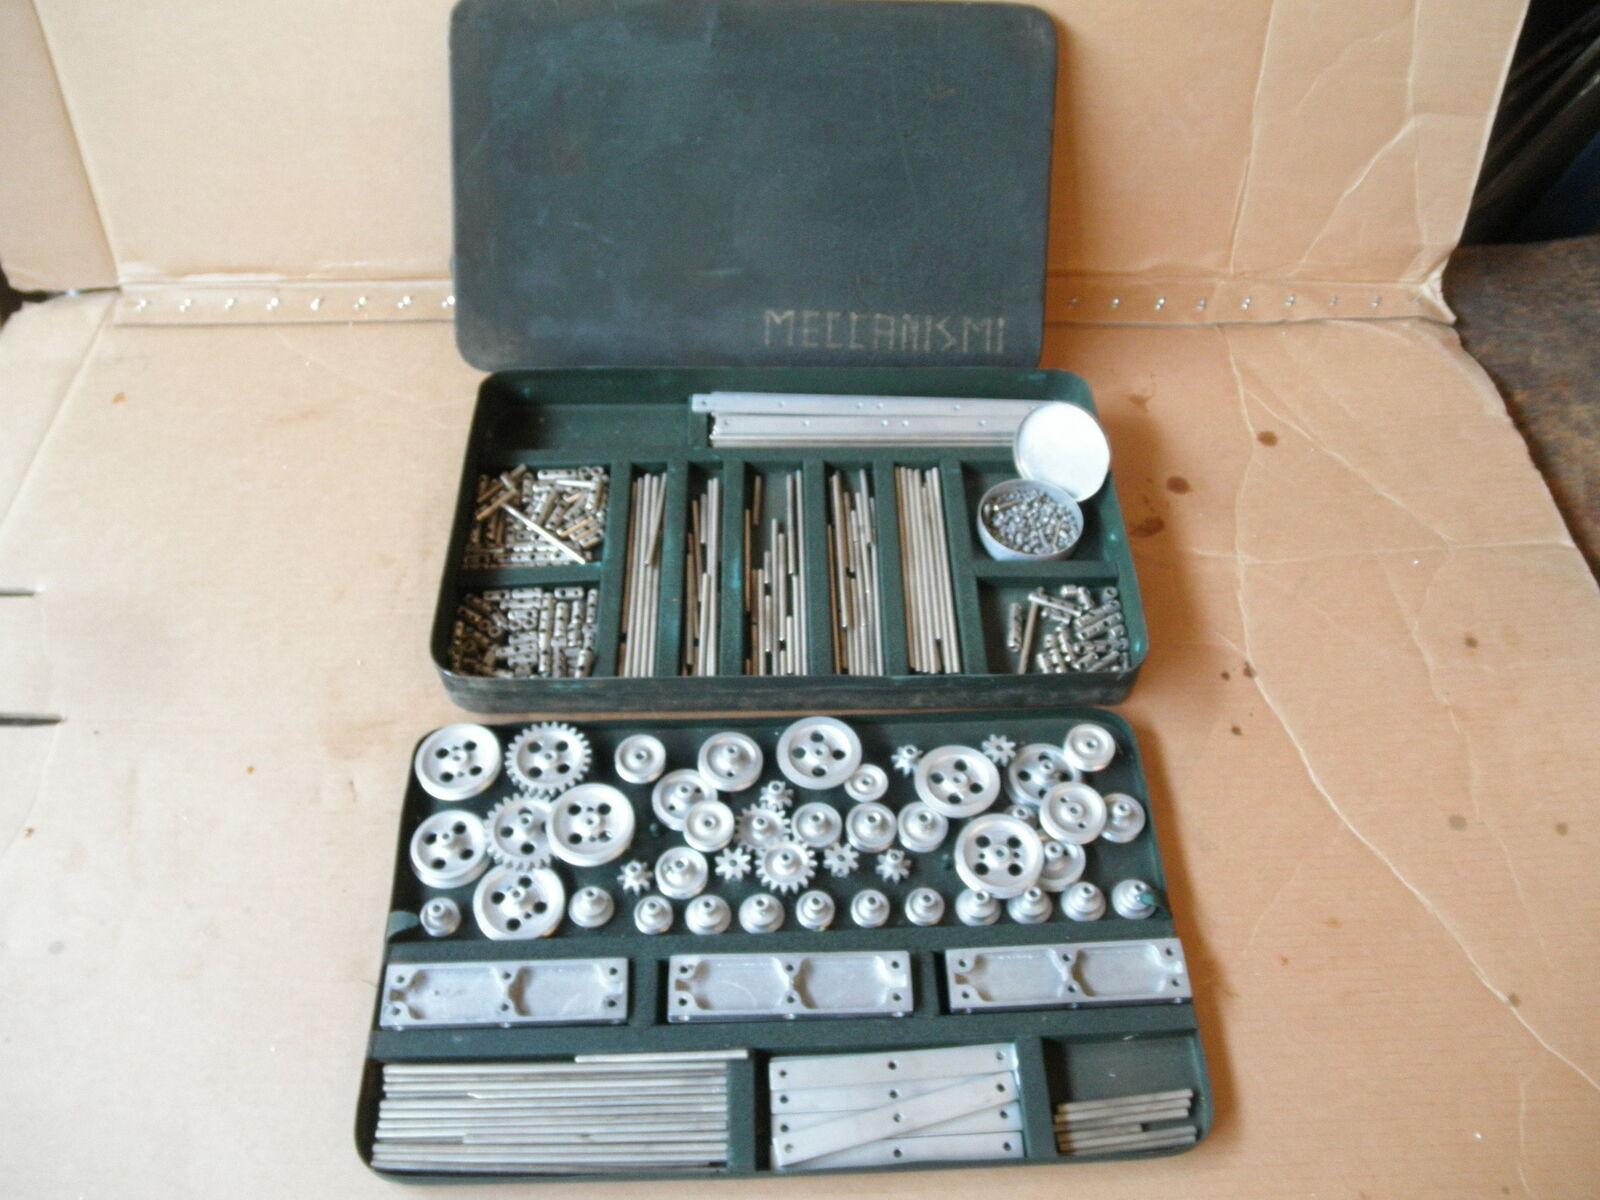 Meccanismi projootipo de ingeniería mecánica Erector Set Vintage Juguete Antiguo Gear